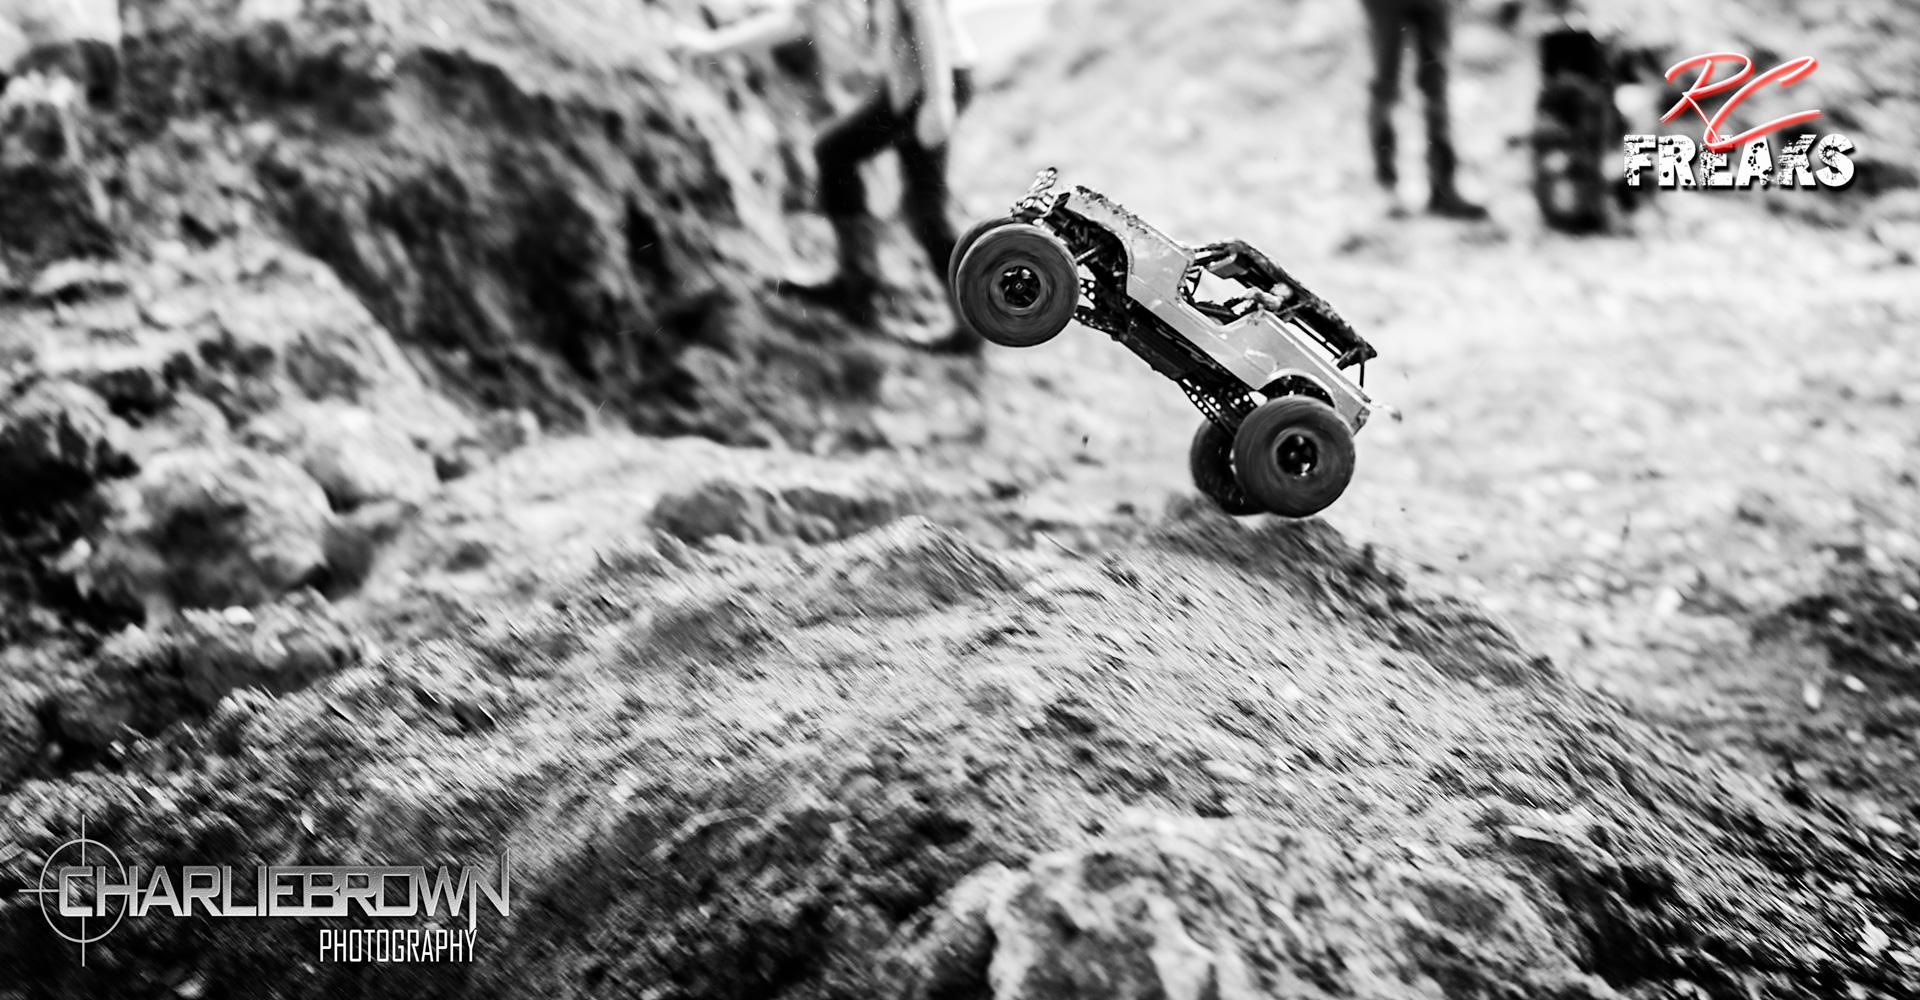 RC Crawler Getting Big Air Jump